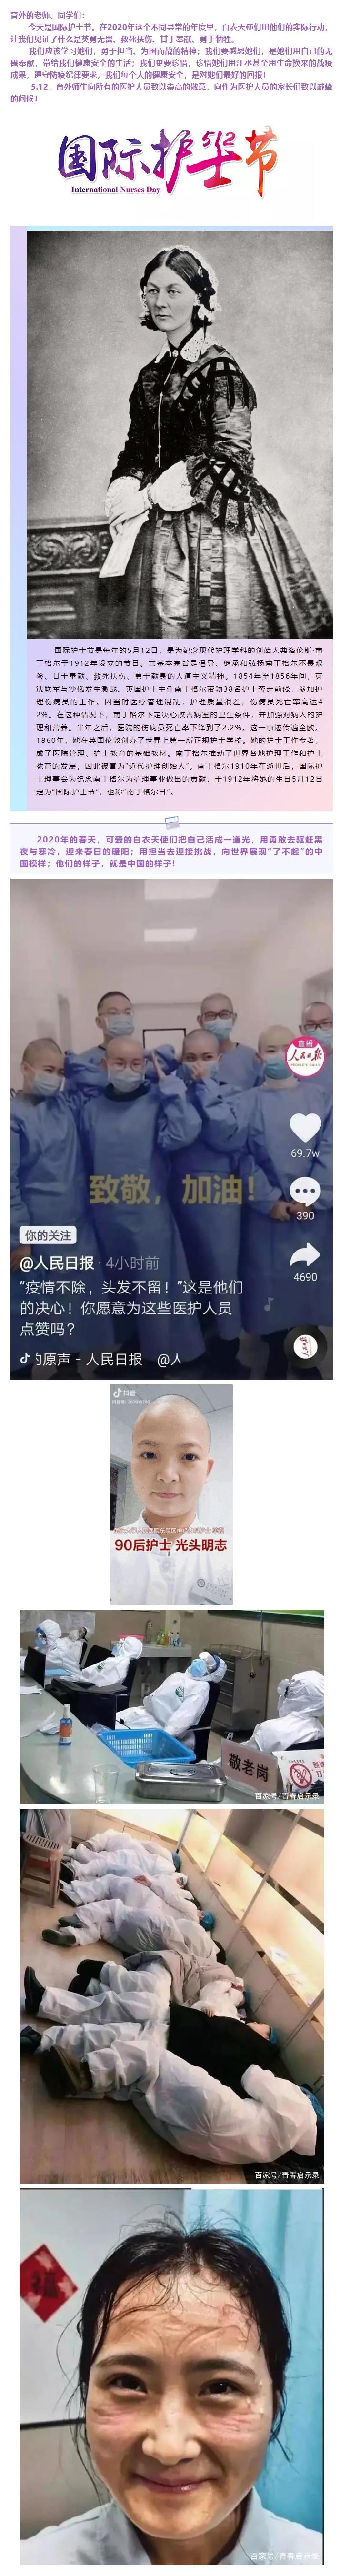 你的样子,就是中国的样子2020年护士节,我们致敬逆行者_20200512152327.jpg